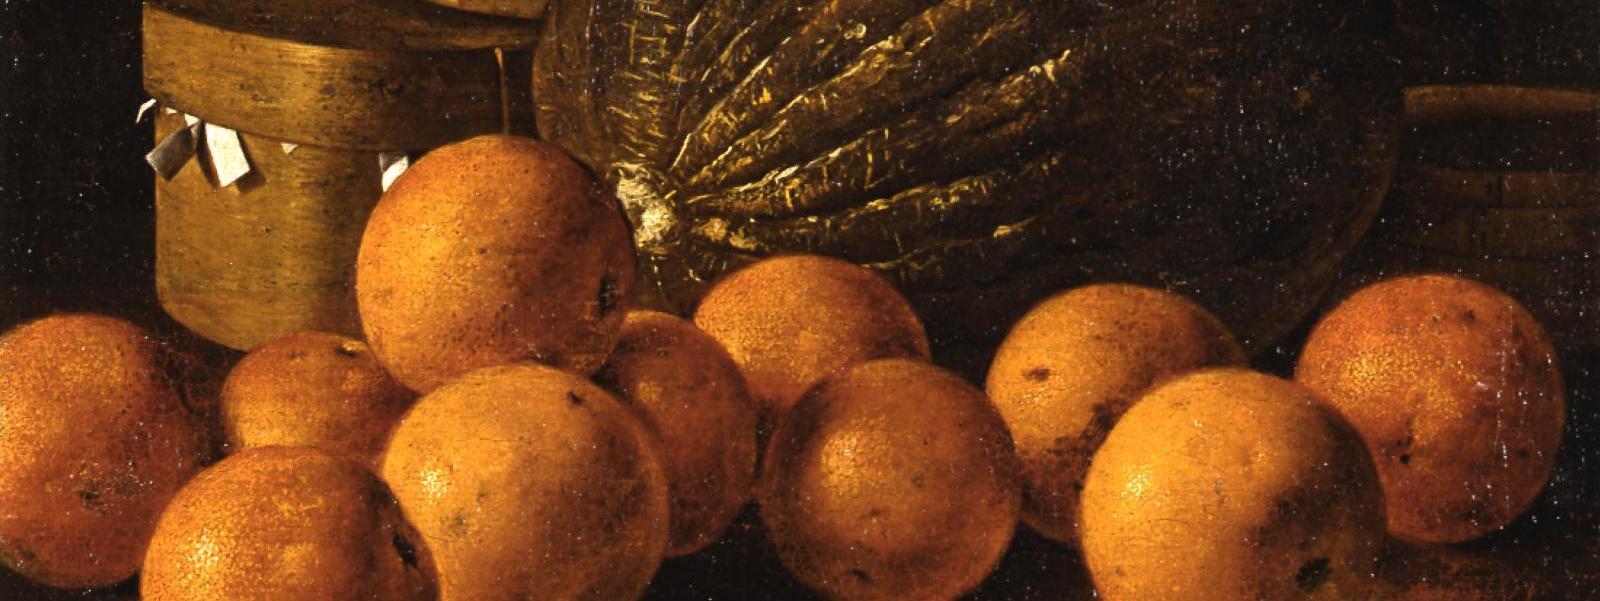 Nueva guía didáctica para el Museo de Bellas Artes de Asturias